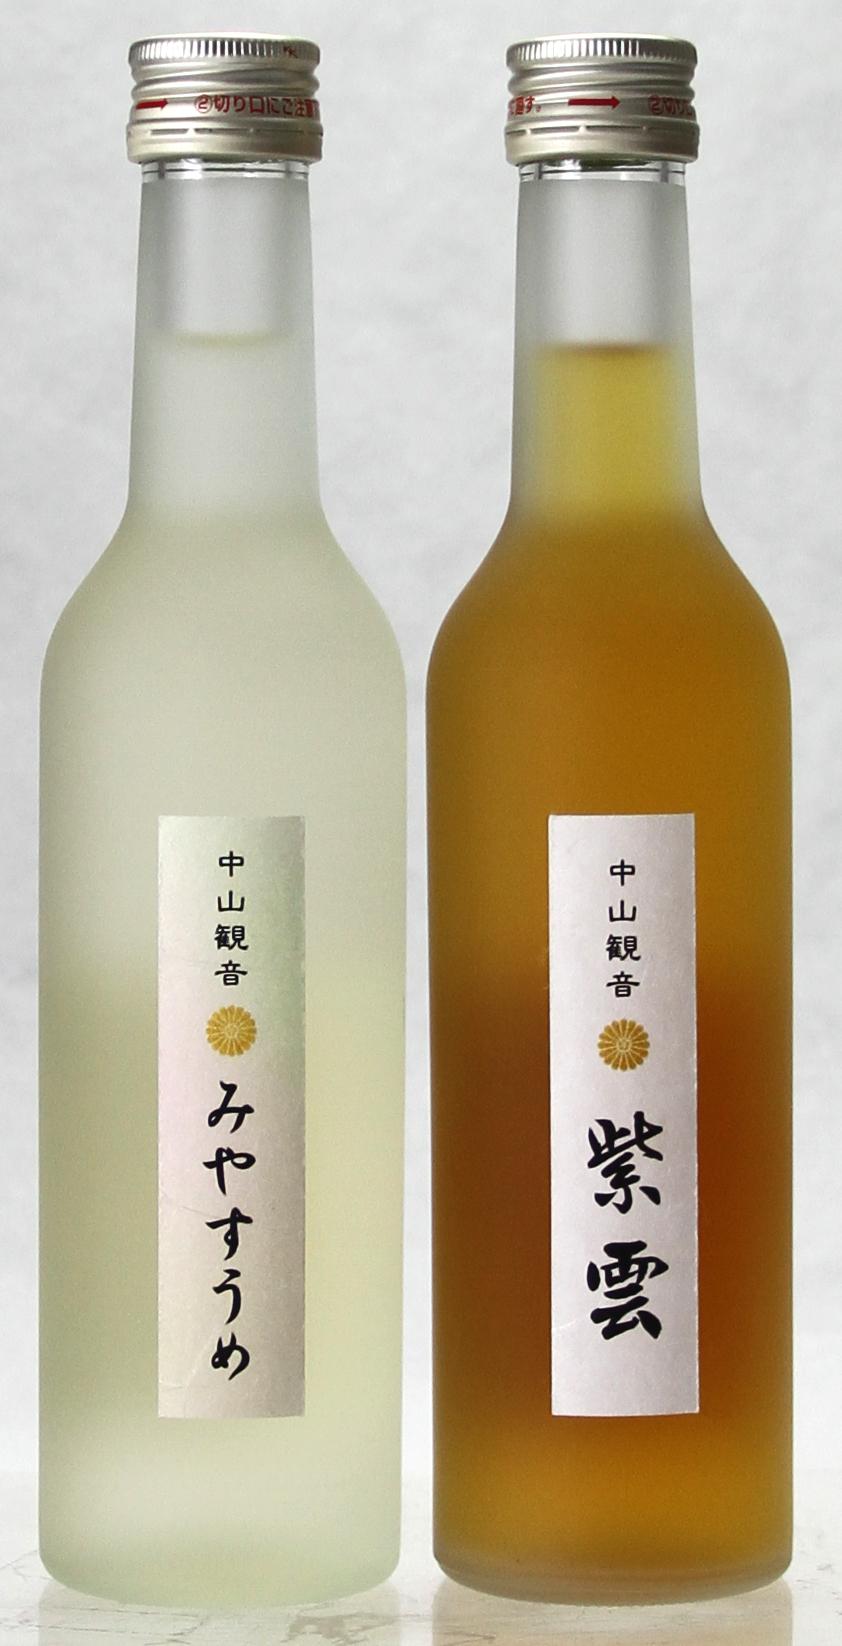 中山観音「紫雲&みやすうめ」300_00